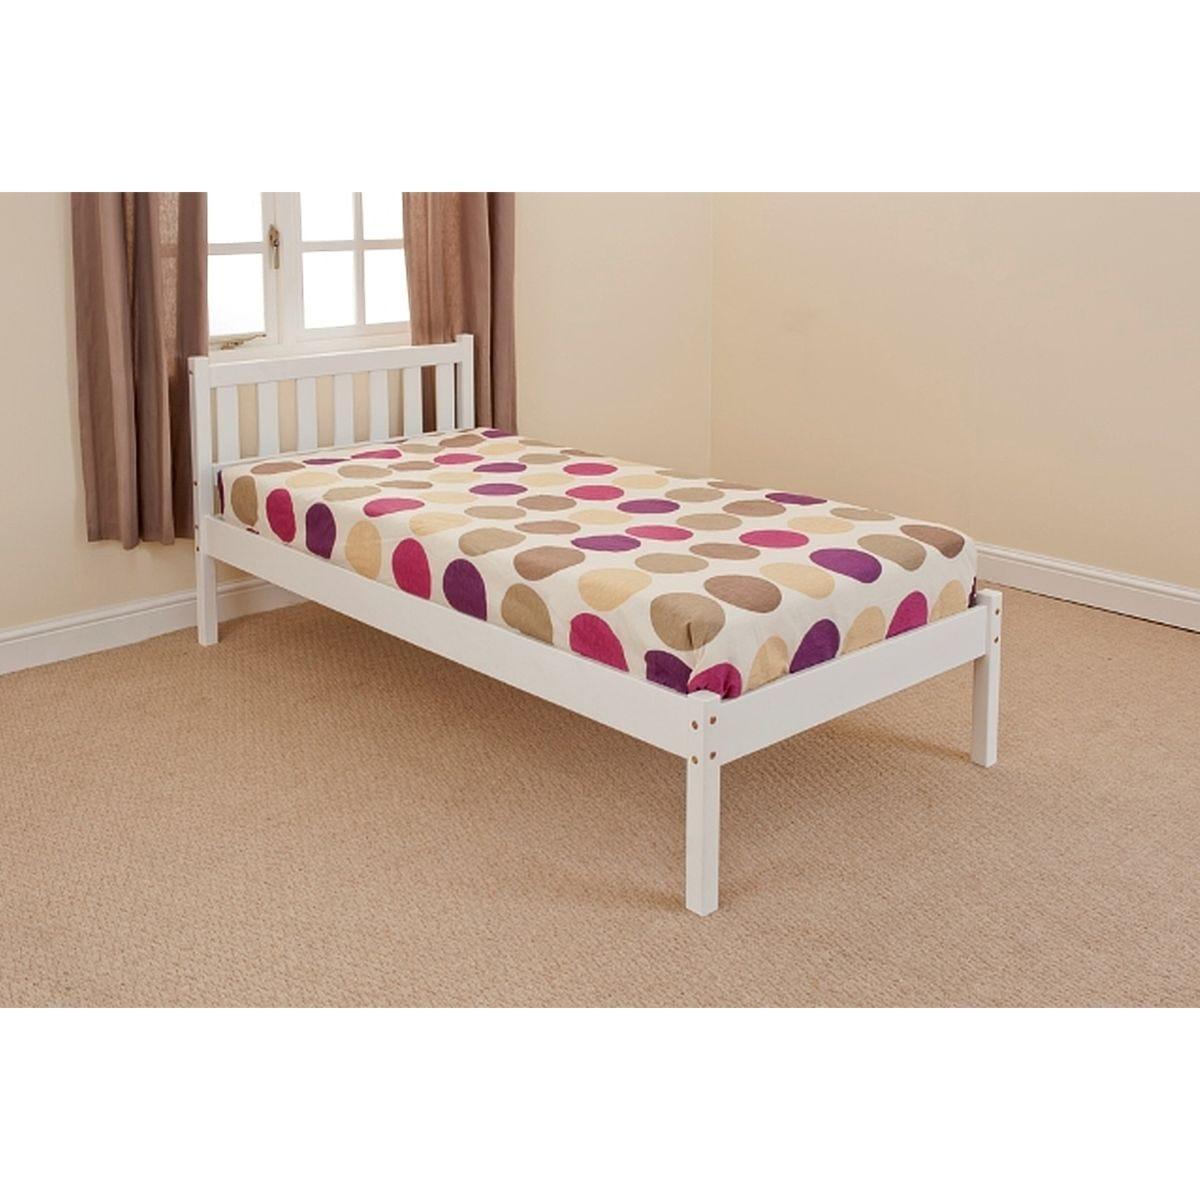 Aloja Bed Frame - White